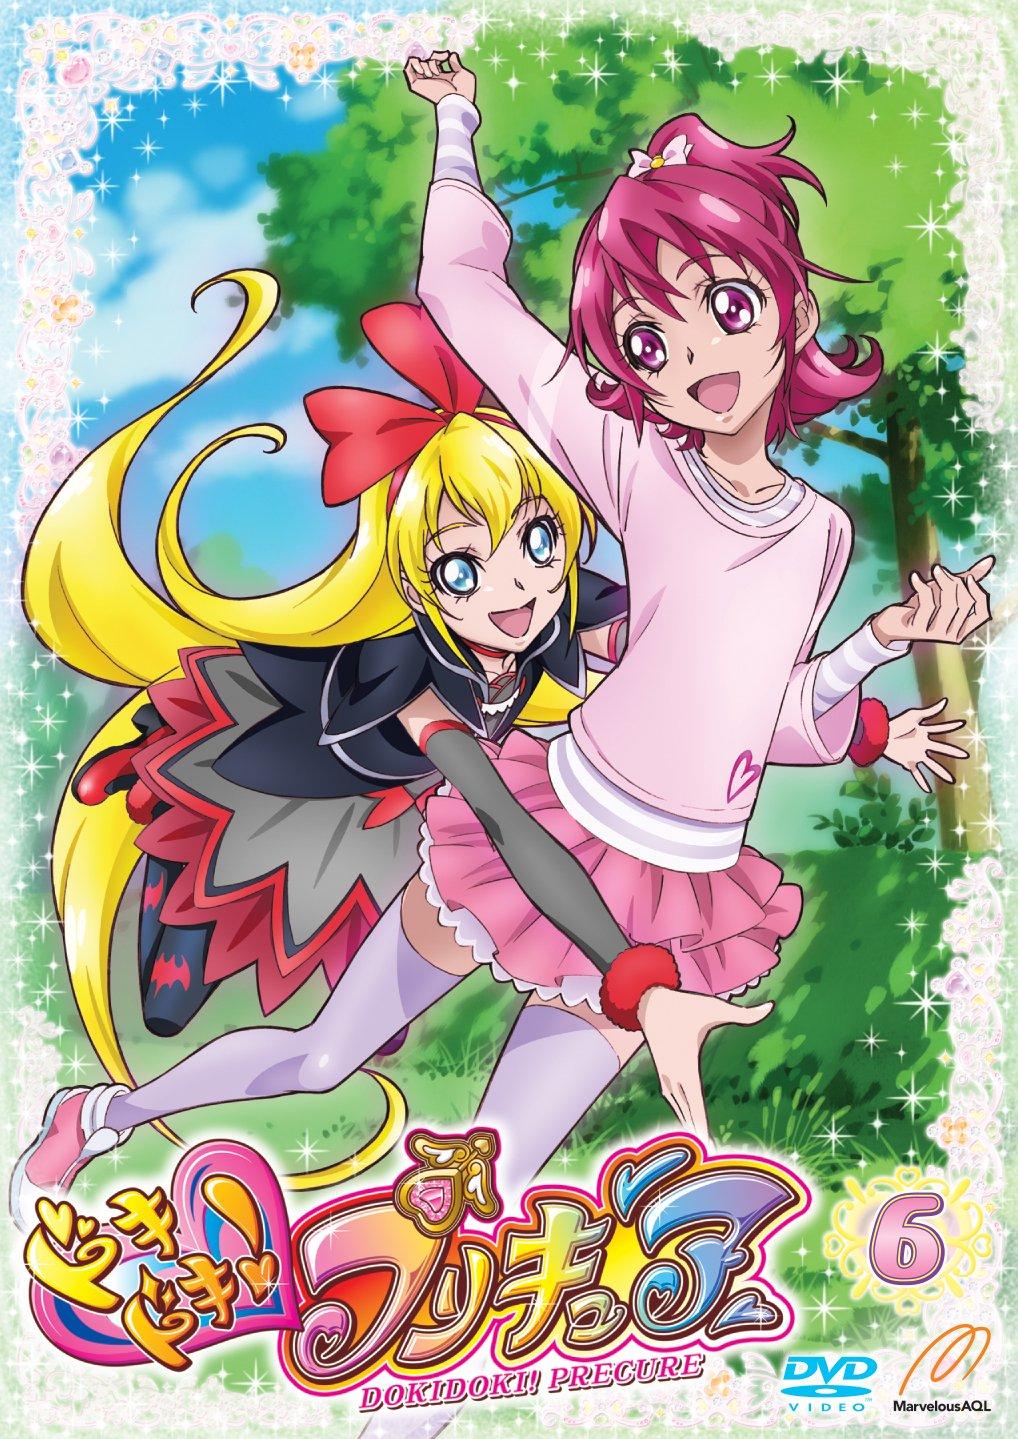 ドキドキ! プリキュア 【DVD】vol.6